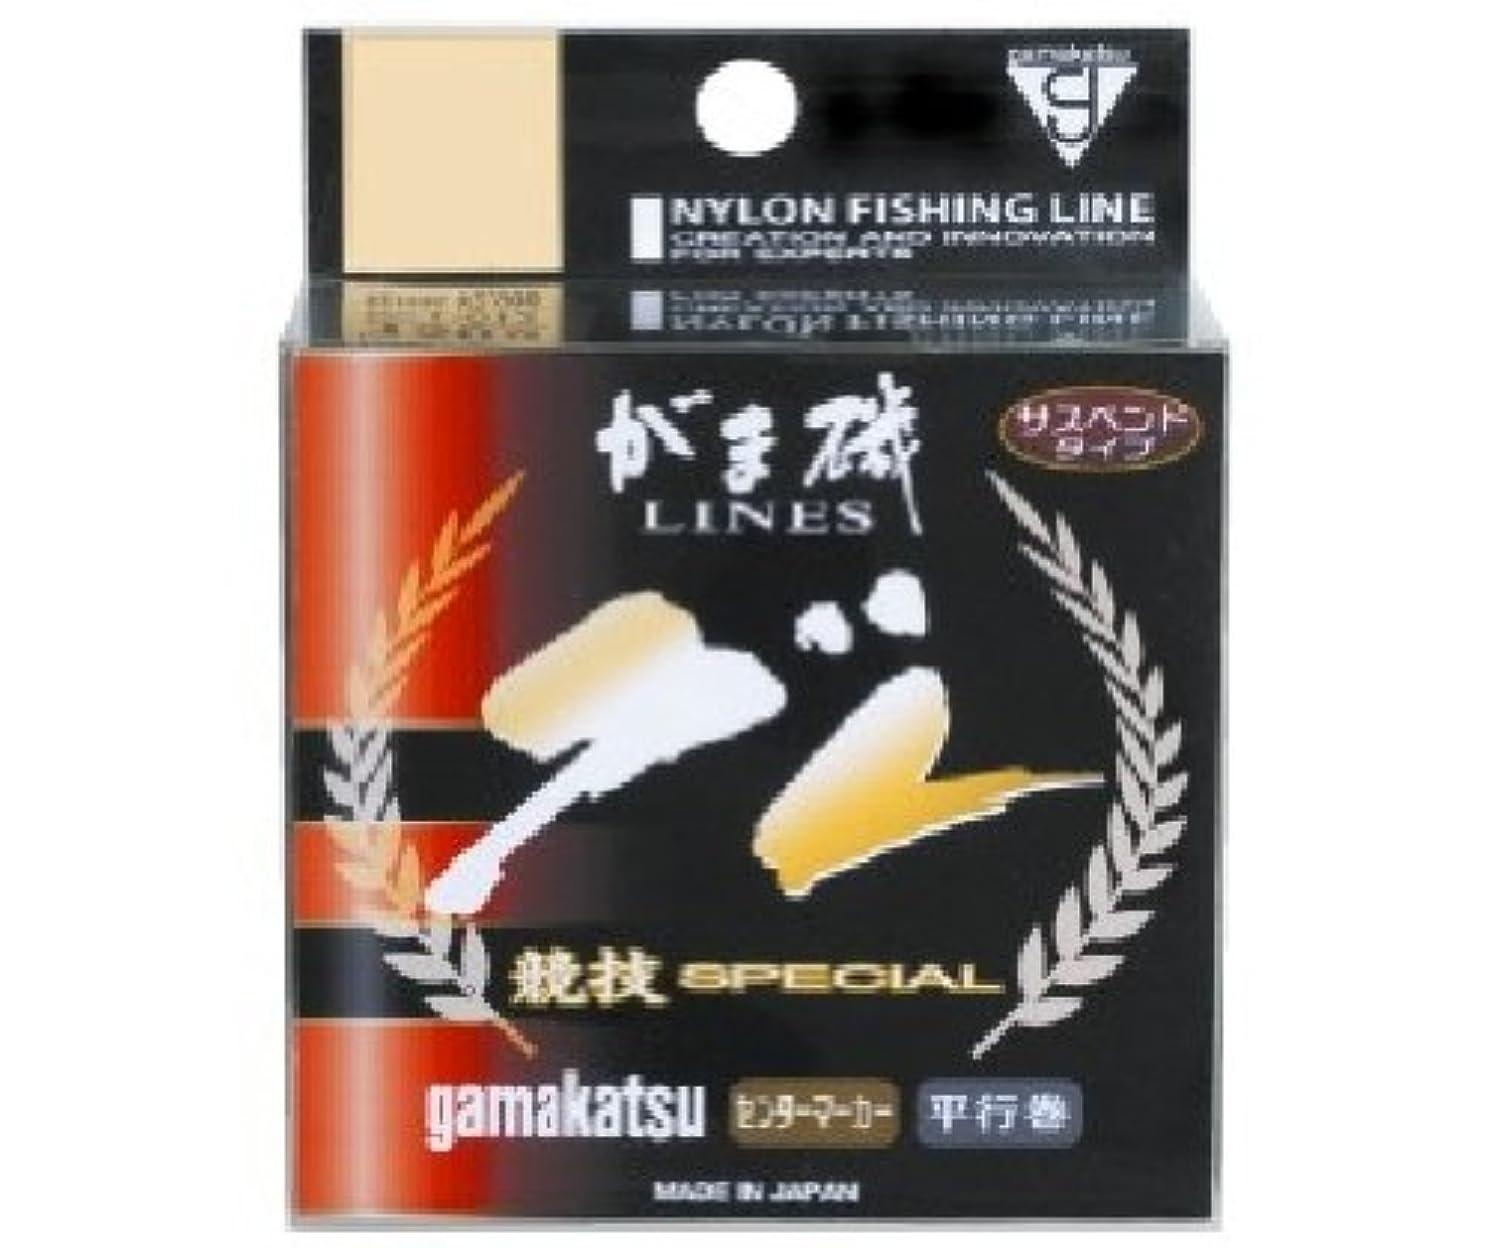 ホース落胆するミトンがまかつ(Gamakatsu) ガマ磯ラインズ グレ競技スペシャル L012 2 150M